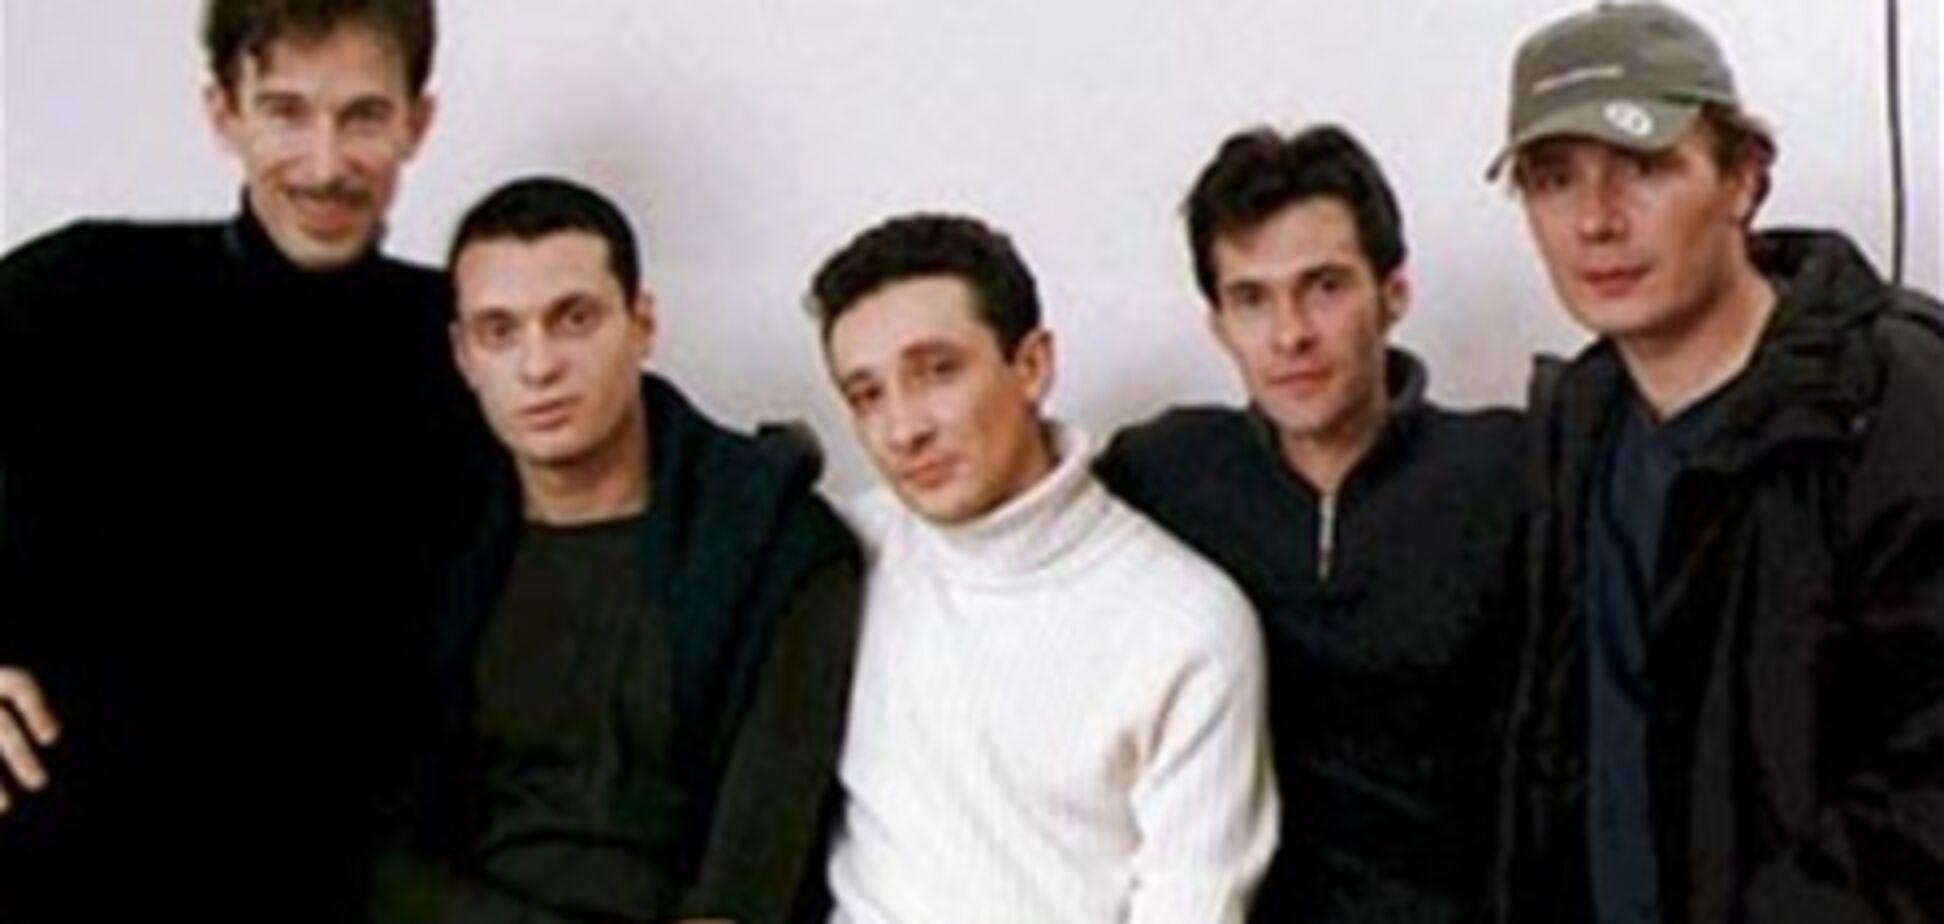 Група 'Браво' випустила перший альбом за 10 років